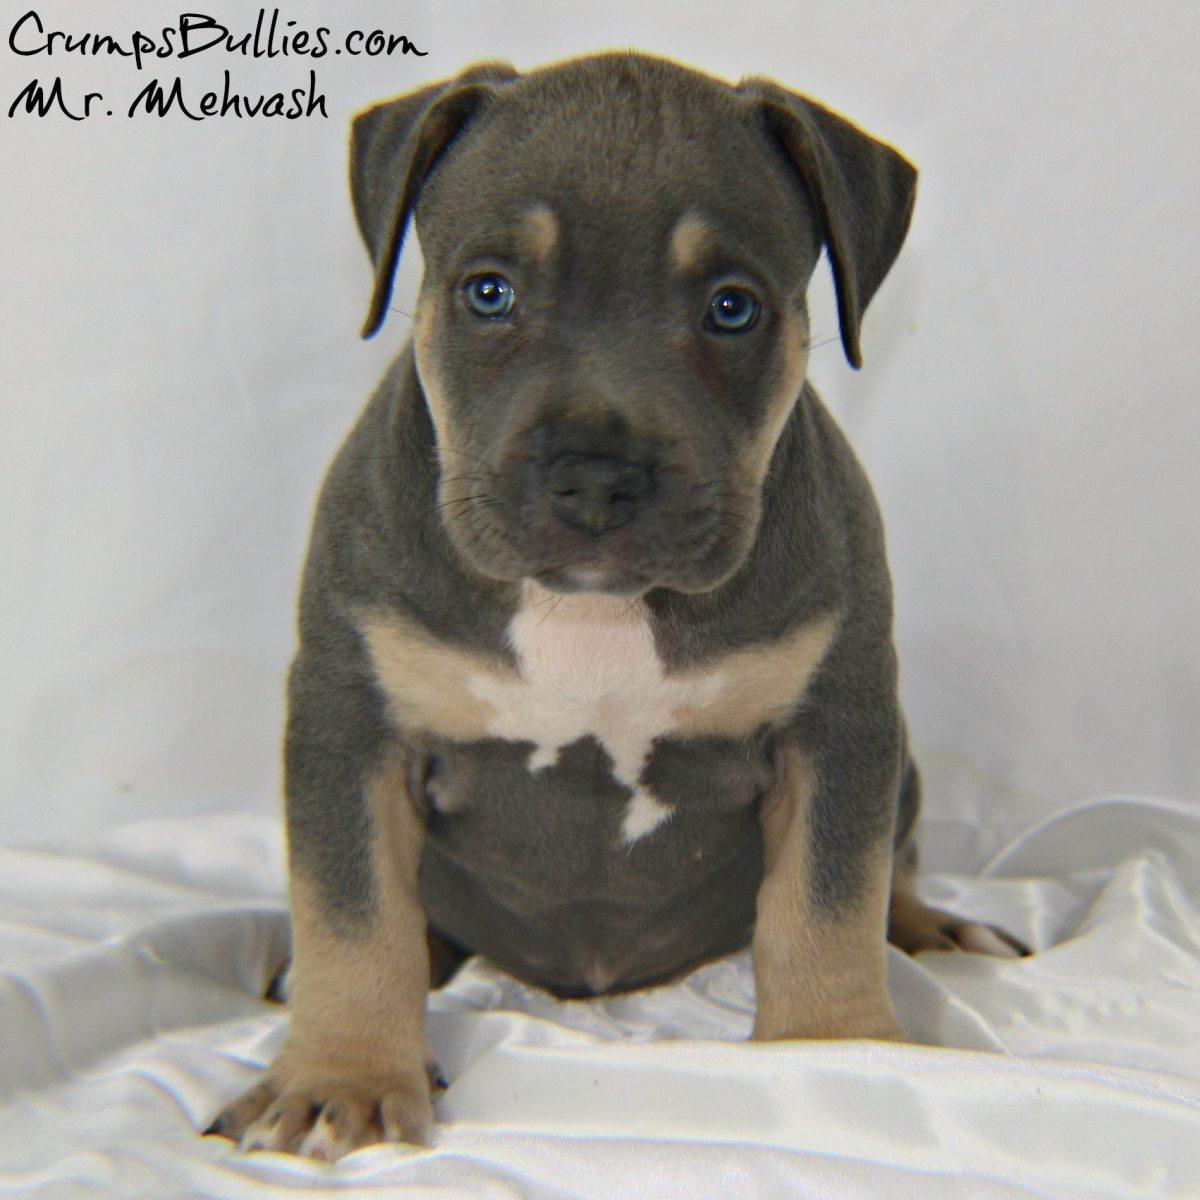 Xl Xxl Pitbull Puppies For Sale Crumps Bullies Xl Pit Bulls